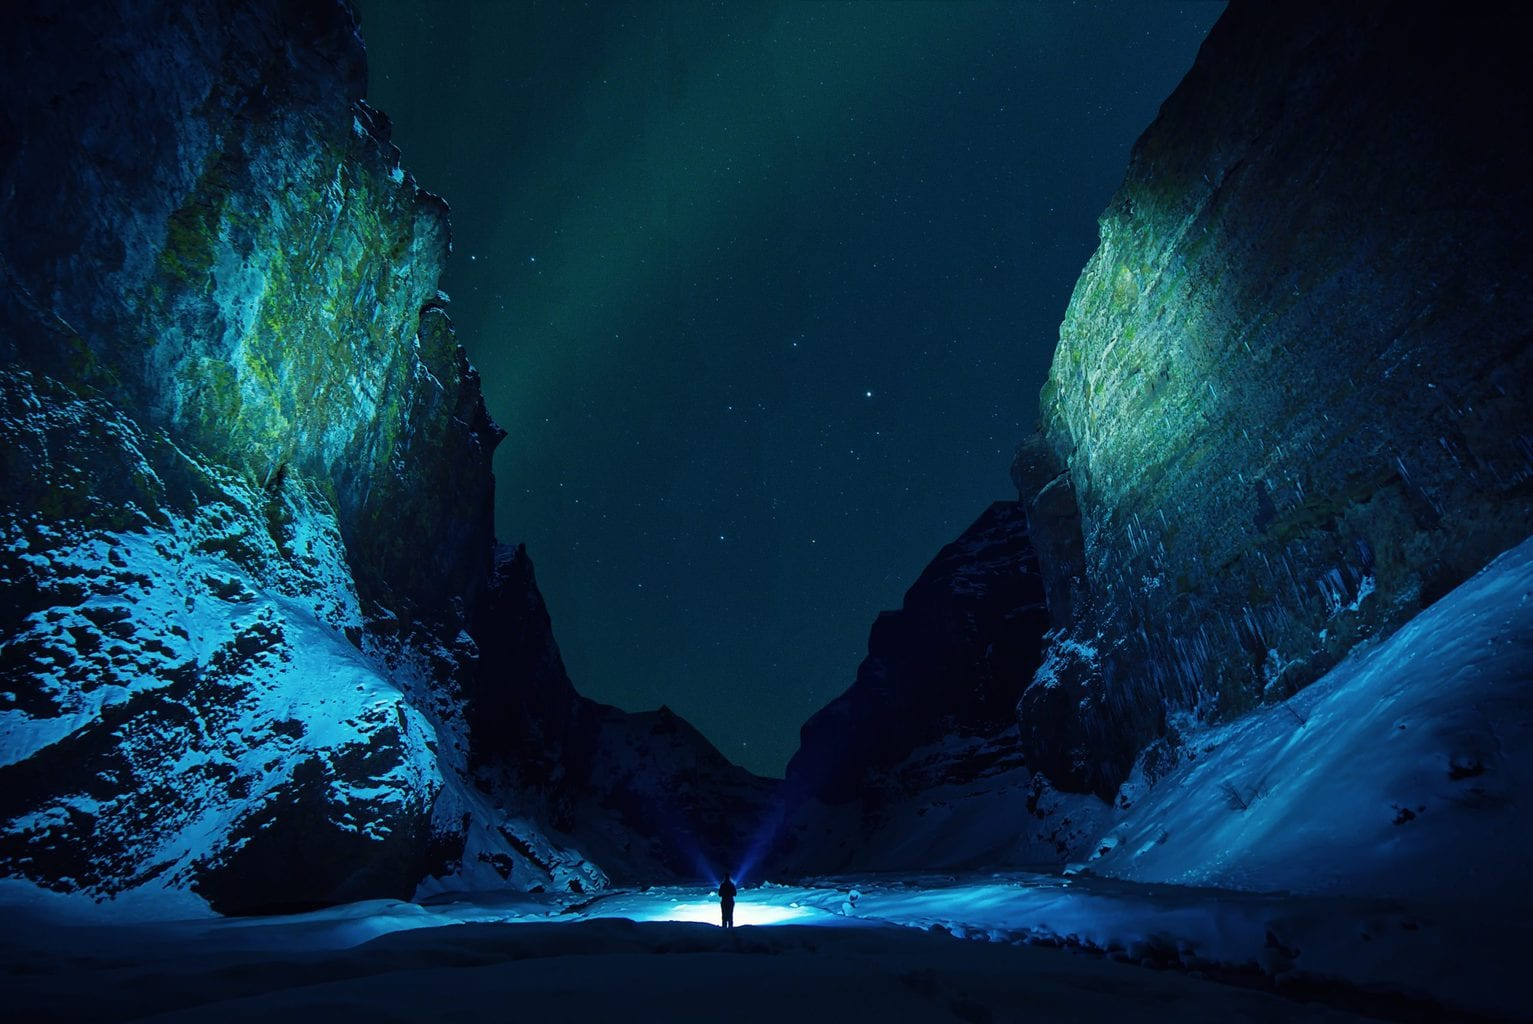 Montañas de noche tonos fríos